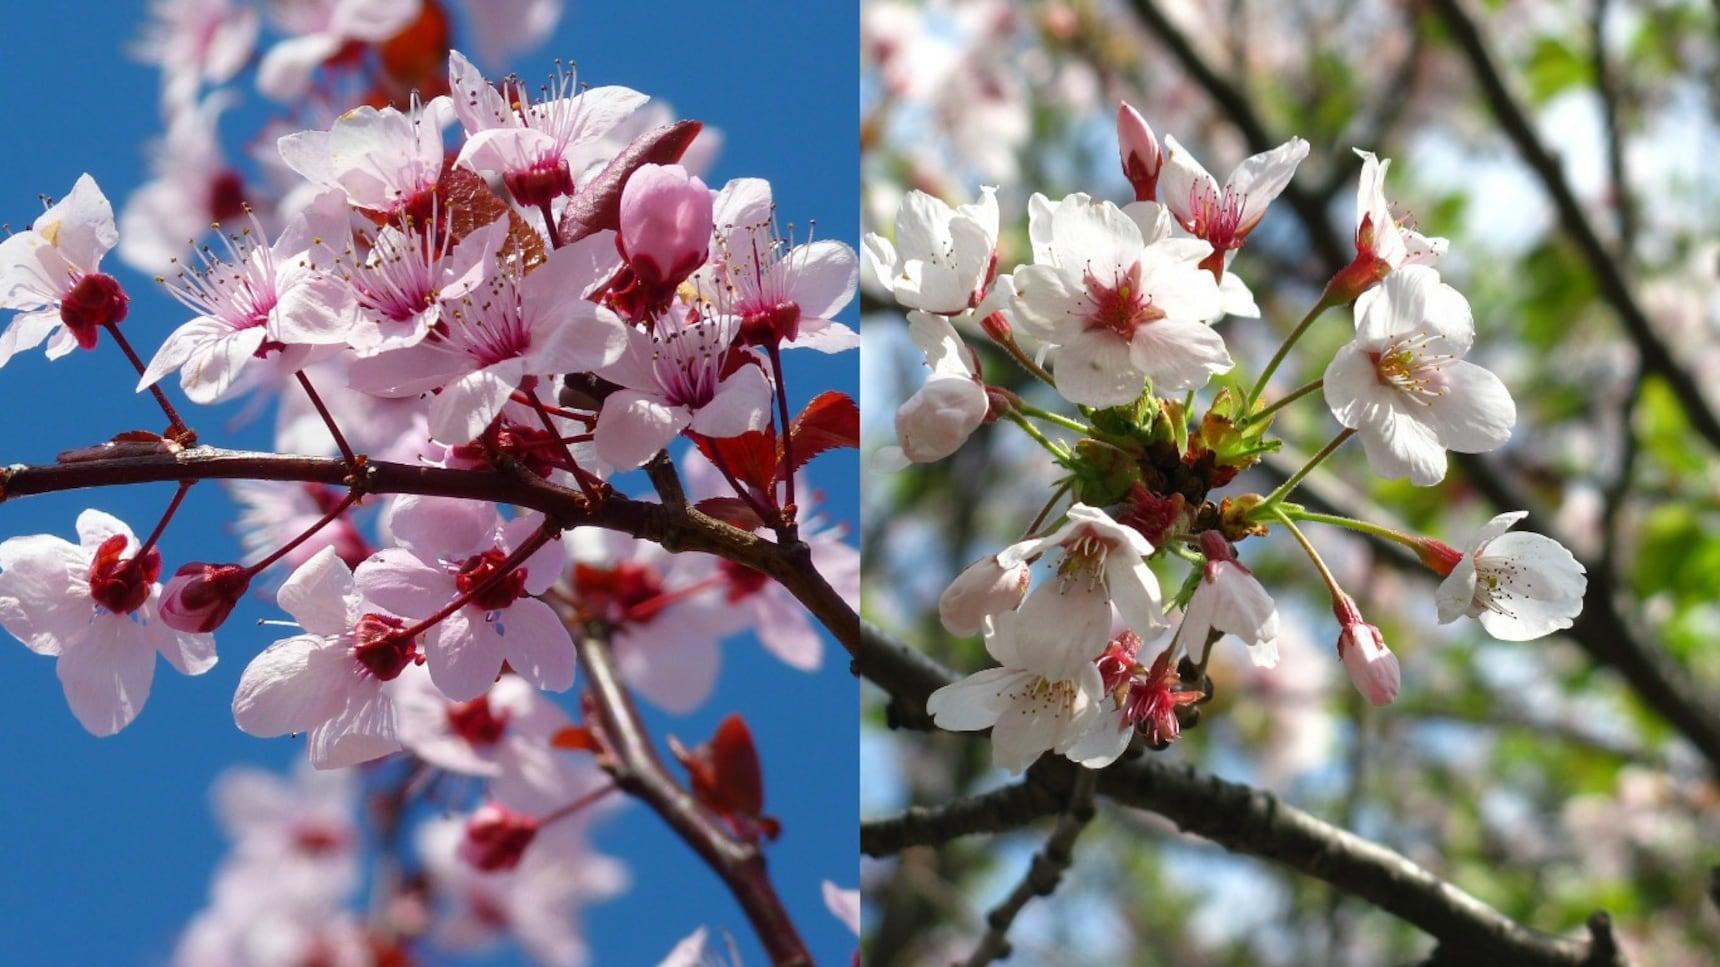 Cherry or Plum Blossom?